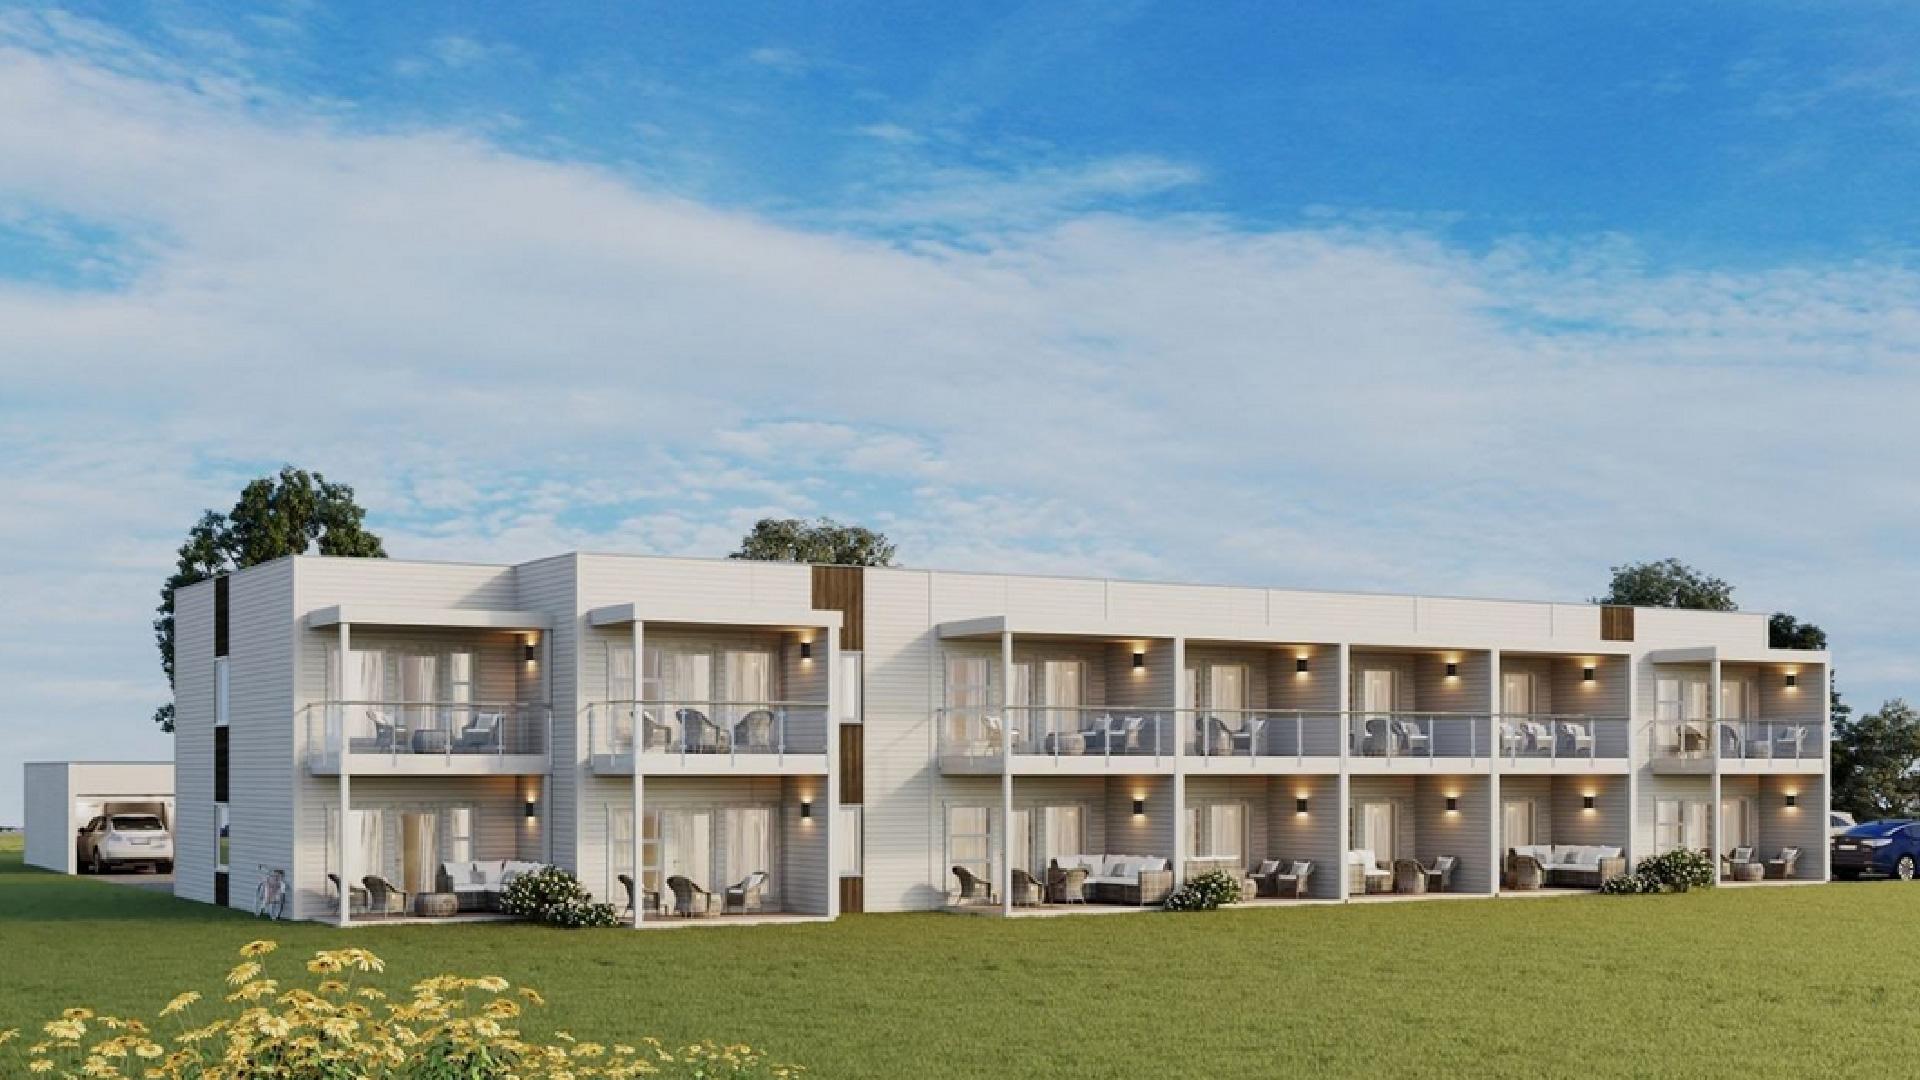 Bilde av boligbyggingsprosjektet Gruva